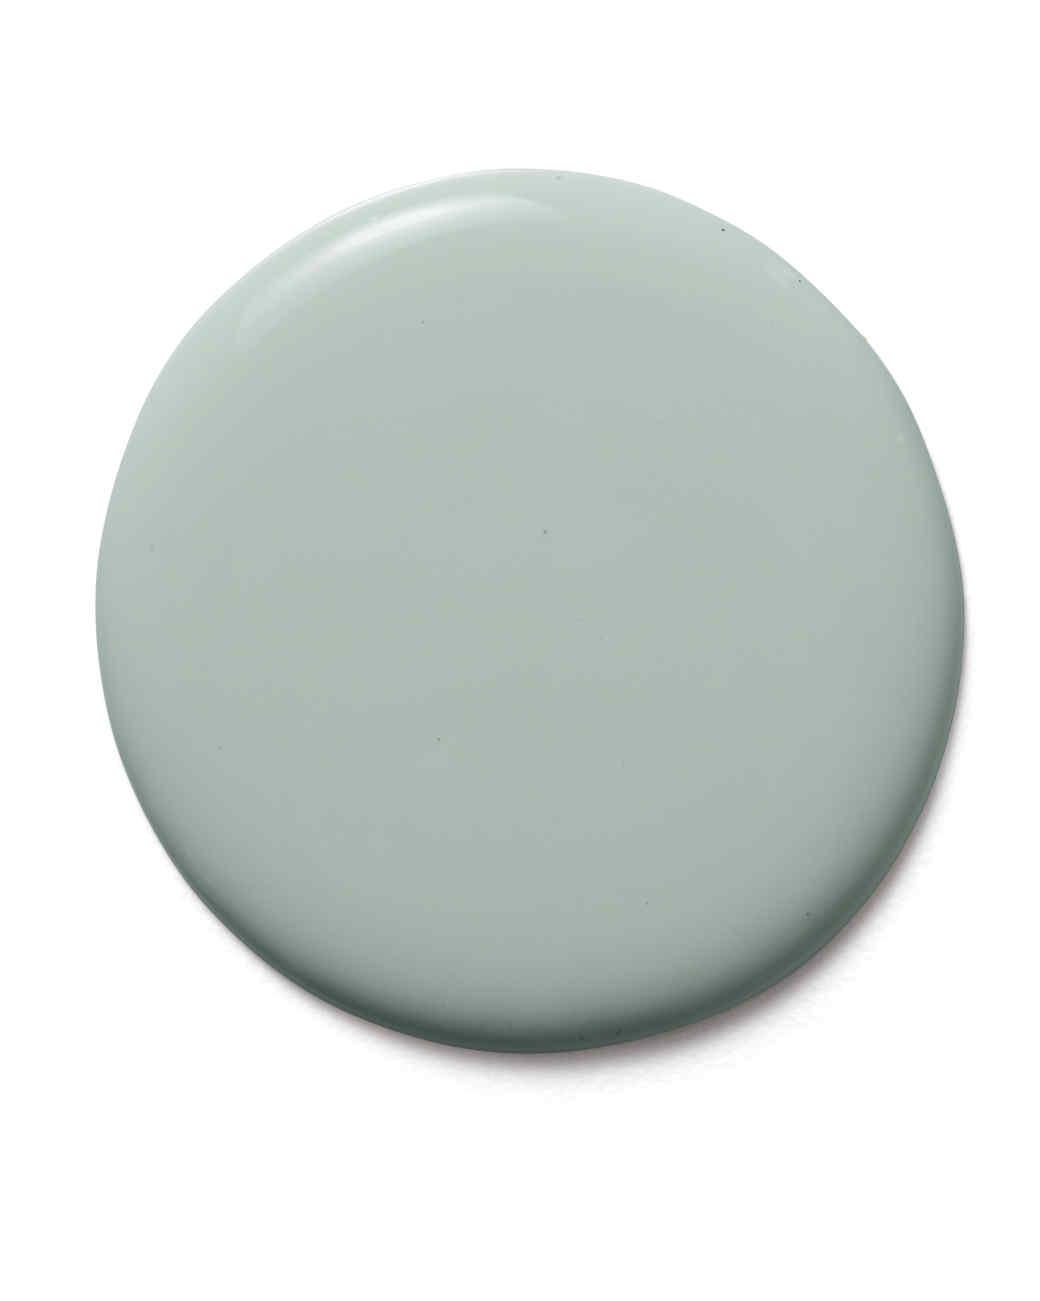 fb-light-blue-036-mld110355.jpg